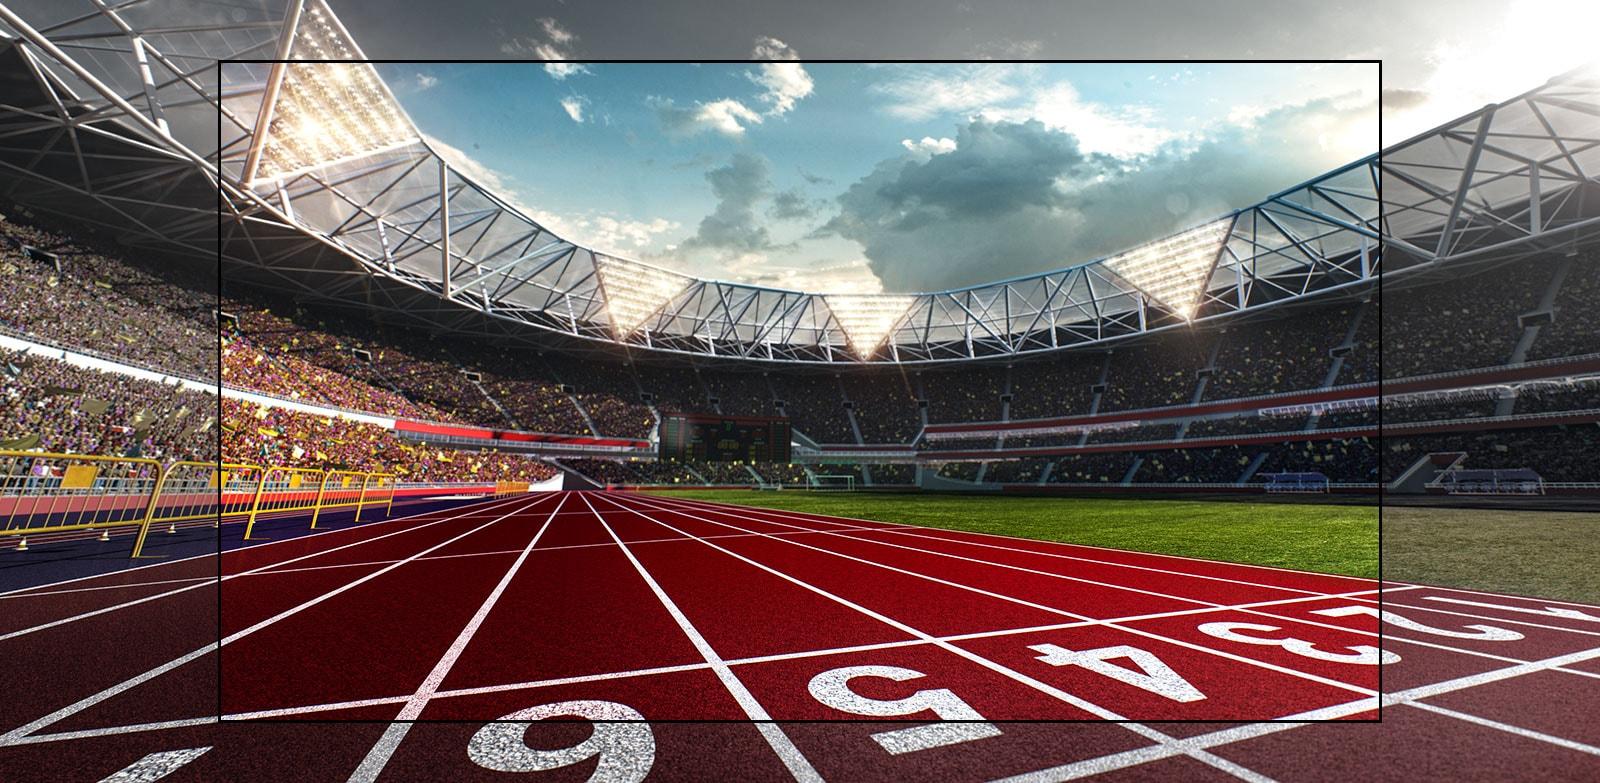 Pantalla de TV que muestra un estadio con una vista de la pista de atletismo de cerca. El estadio está lleno de espectadores.